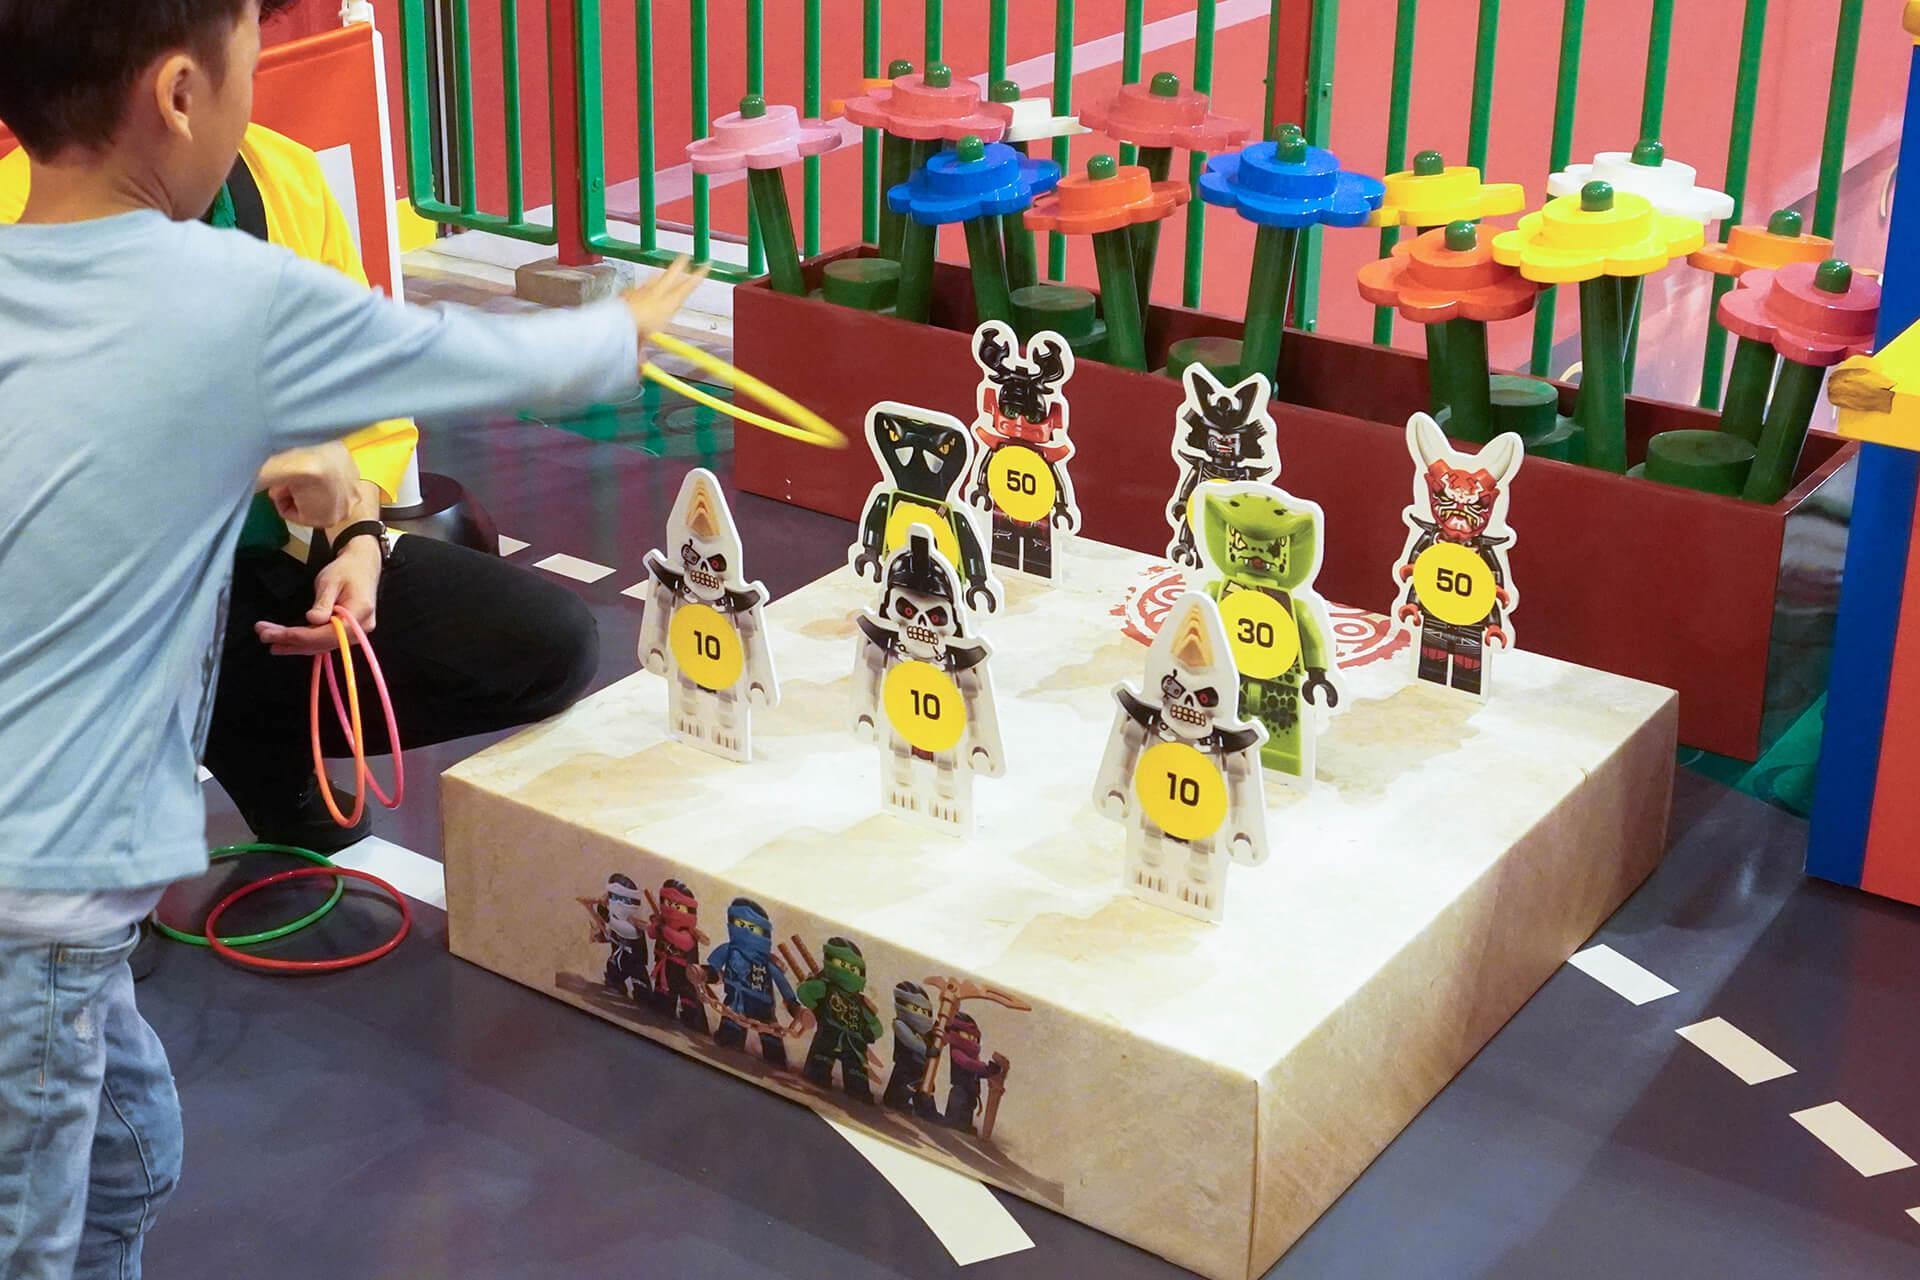 この写真は、レゴニンジャゴー夏祭りの輪投げの様子